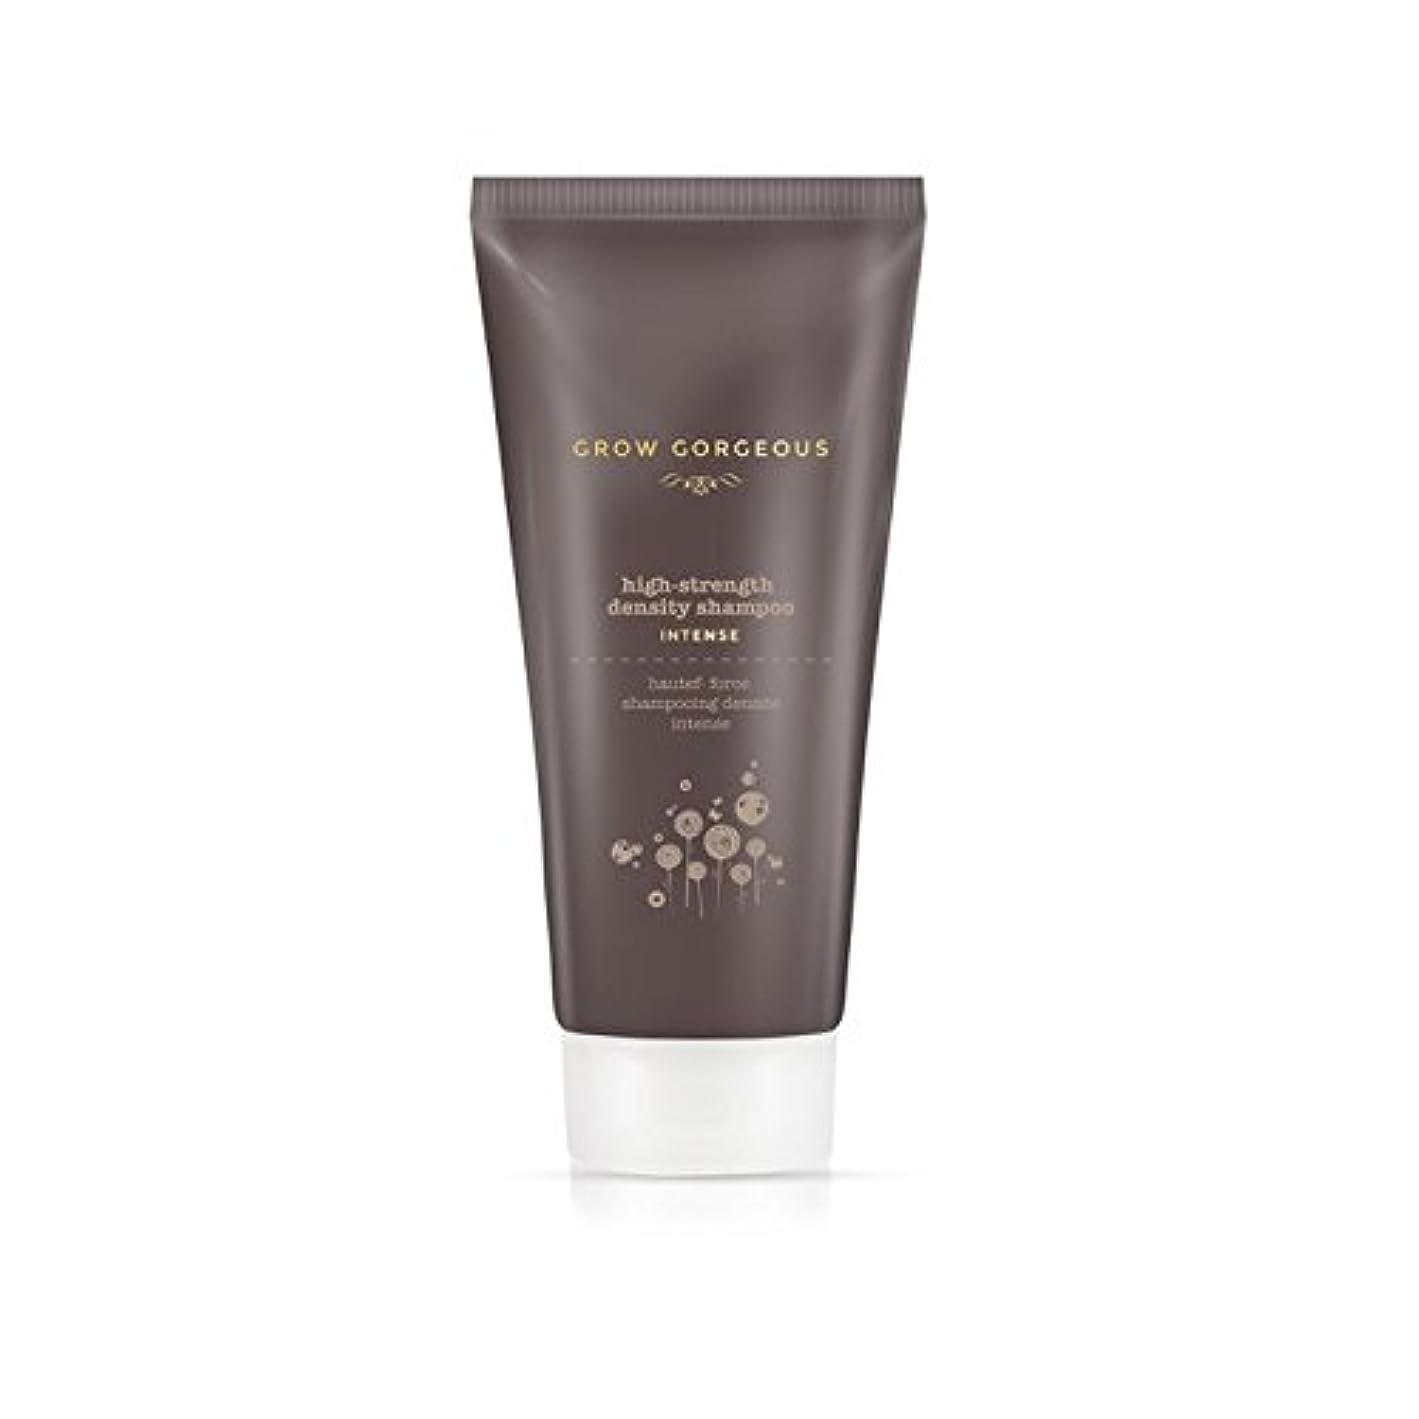 コーラス敬意記憶に残る強烈なゴージャスな髪密度のシャンプー(190ミリリットル)を育てます x4 - Grow Gorgeous Hair Density Shampoo Intense (190ml) (Pack of 4) [並行輸入品]